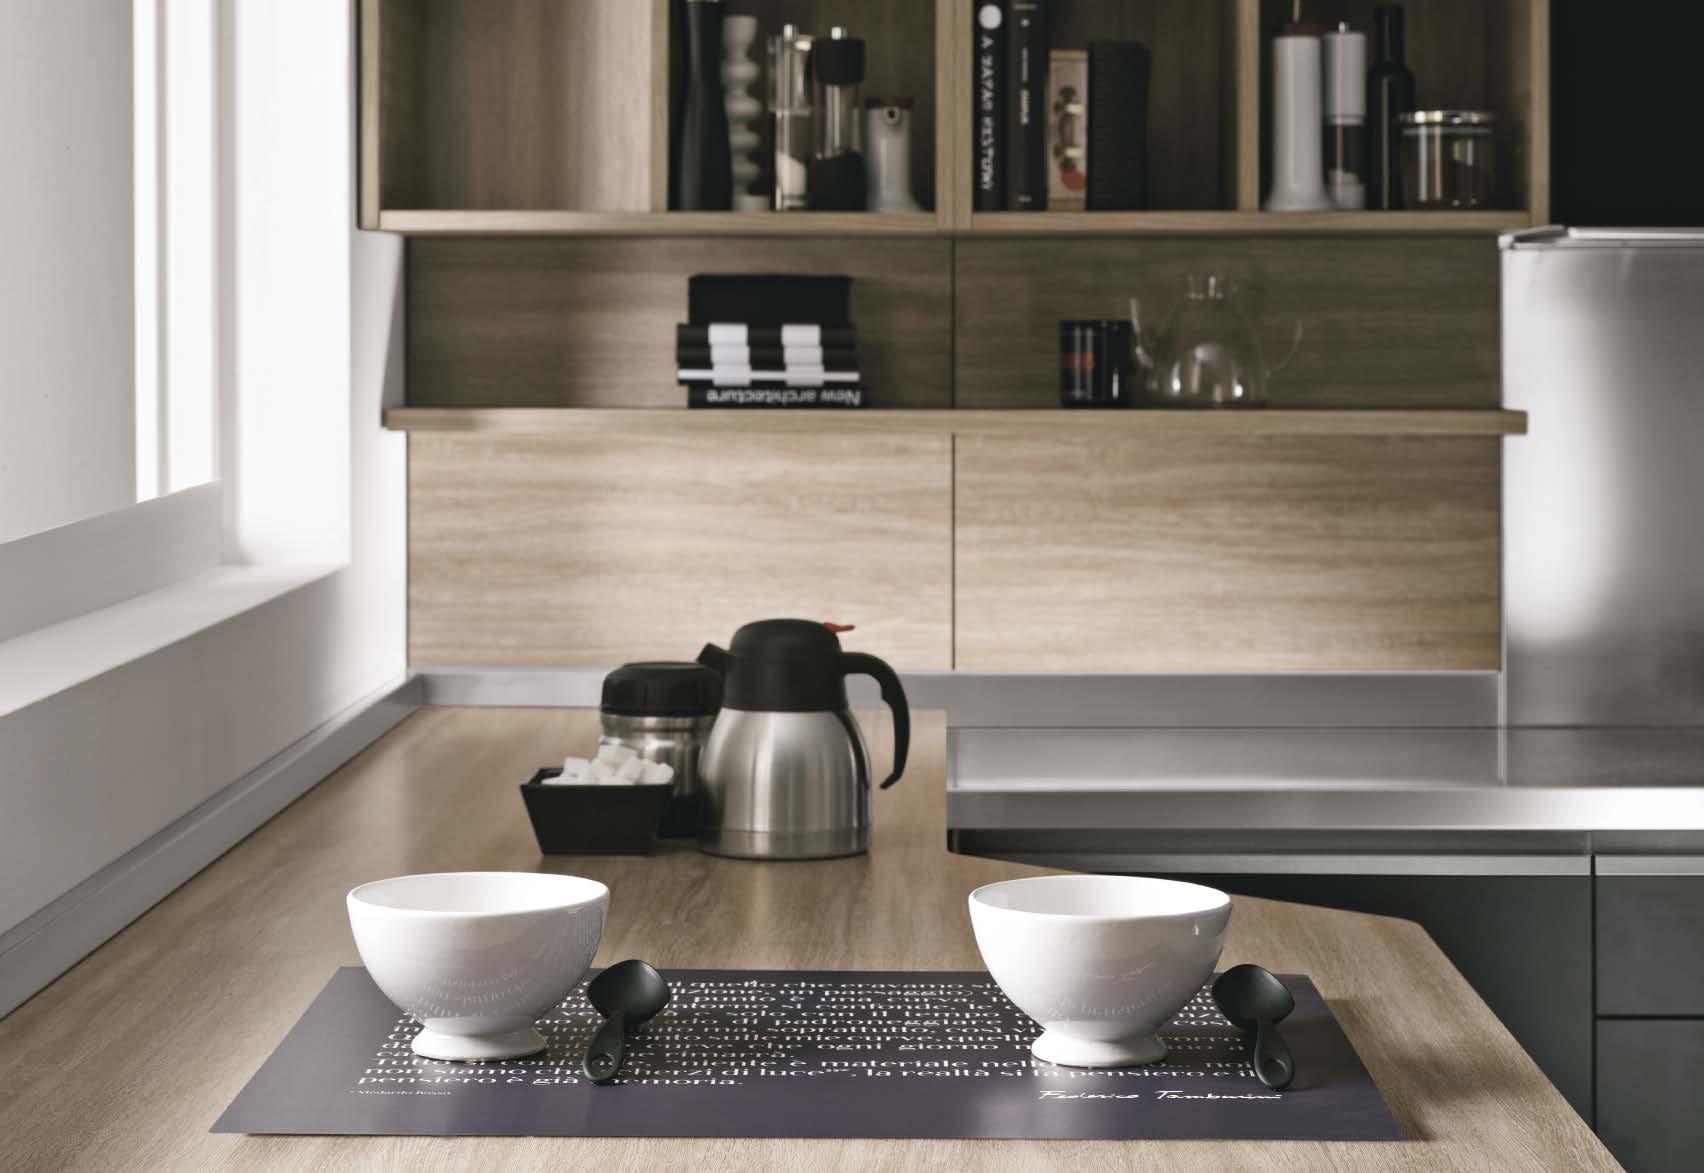 Linea κουζινα με ενσωματωμενη μεταλική λαβή σε μαυρη ματ λάκα και μελαμινη σε υφη ξυλου λεπτομερειες